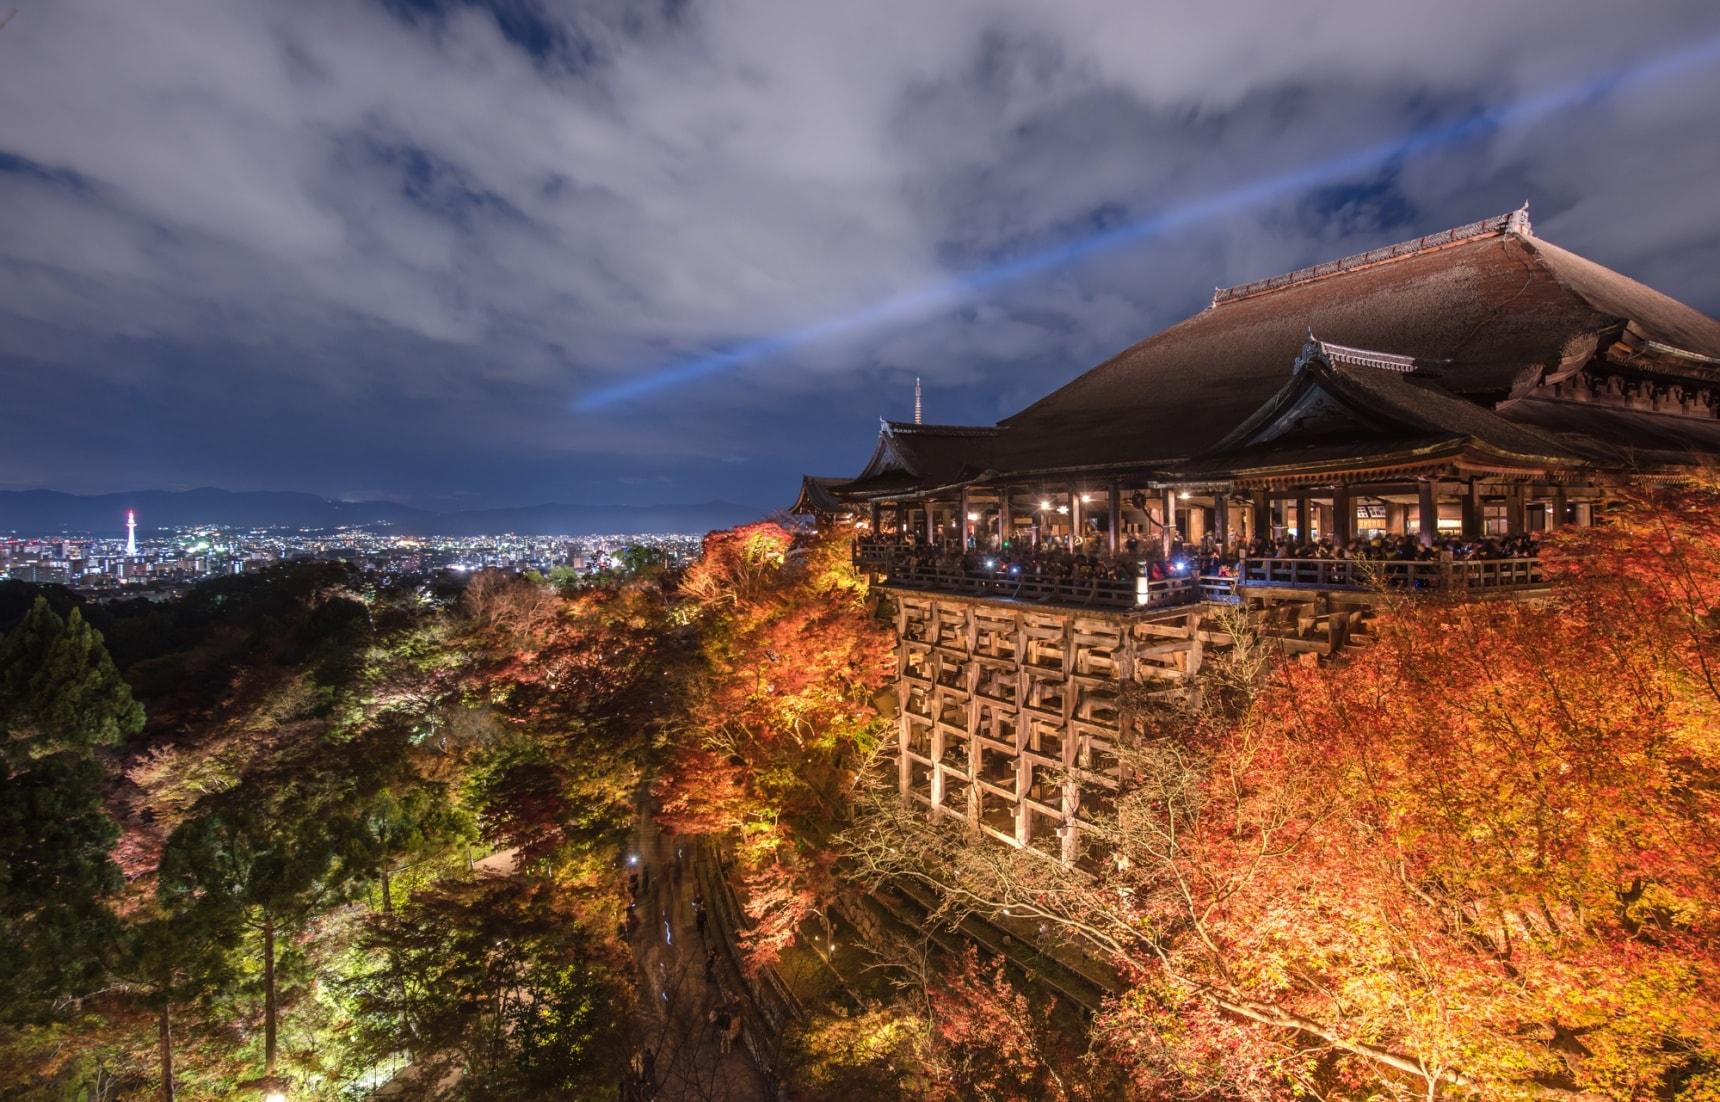 【京都自由行】一探神祕的古都文化!旅途充電必去的20個京都能量景點